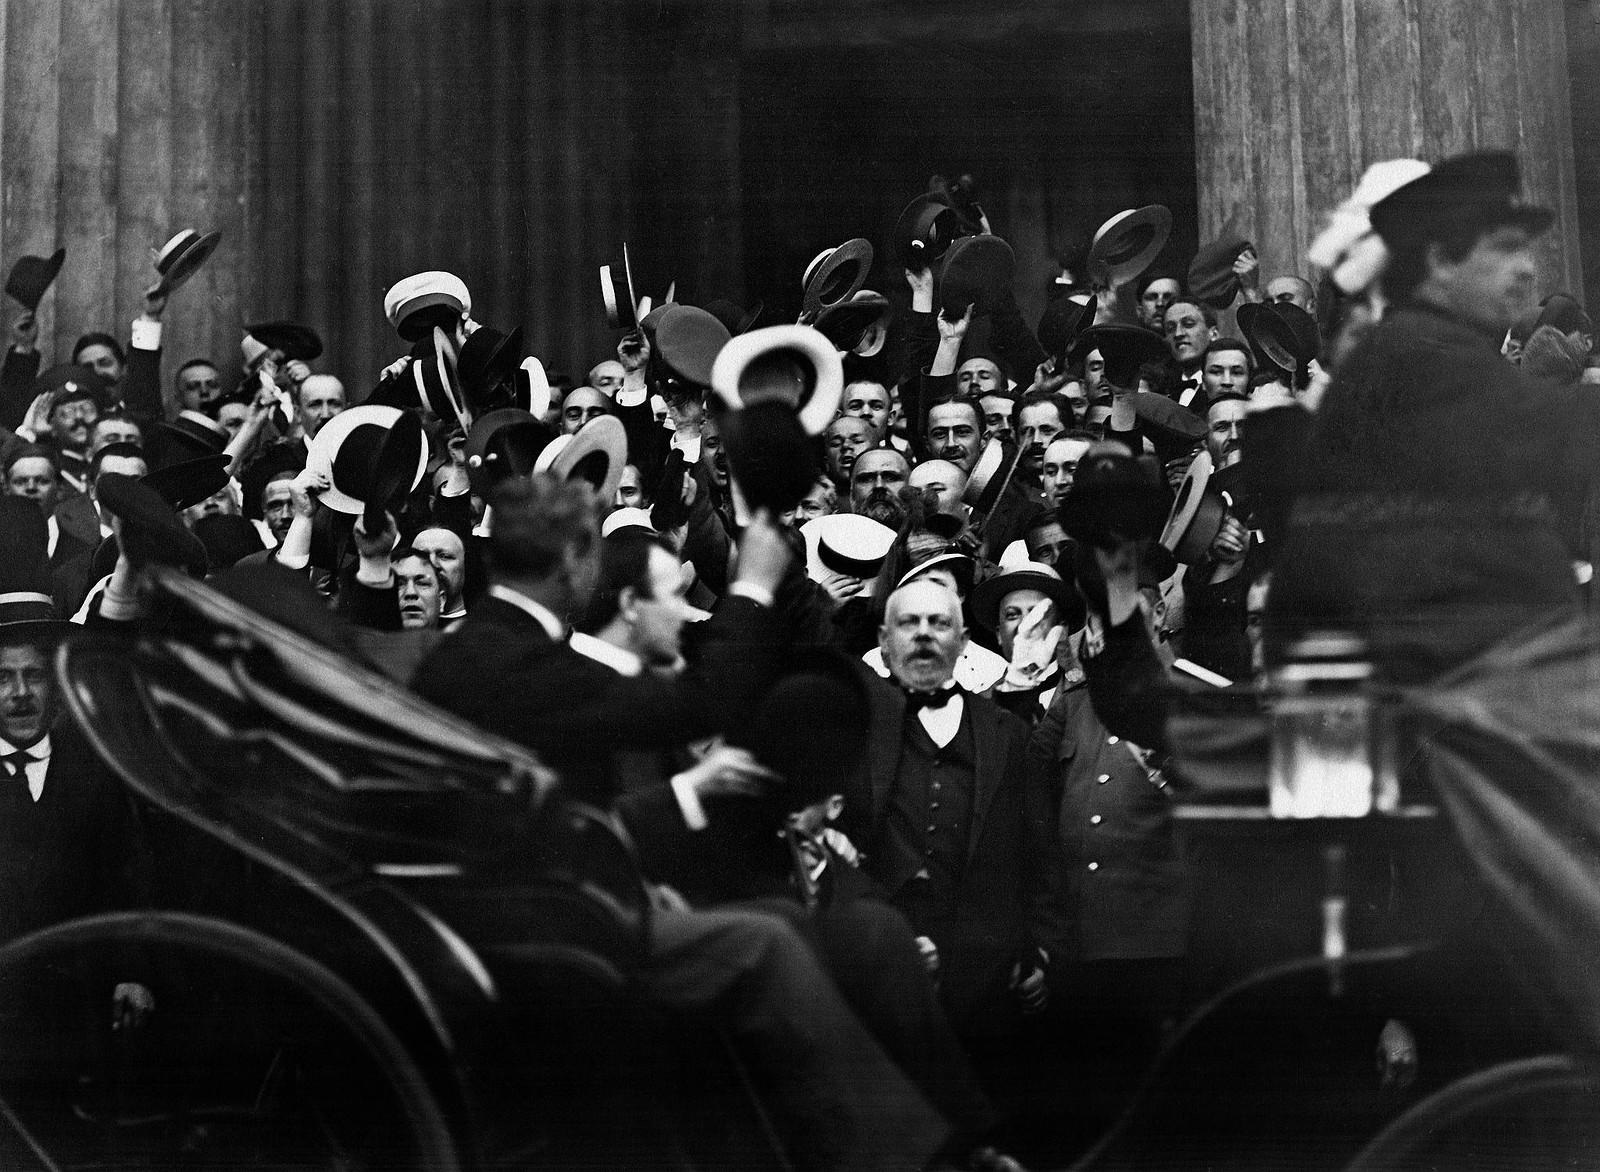 1914. Толпа монархистов приветствует сидящего в экипаже сербского посланника М.Спалайковича по случаю объявления войны Германии